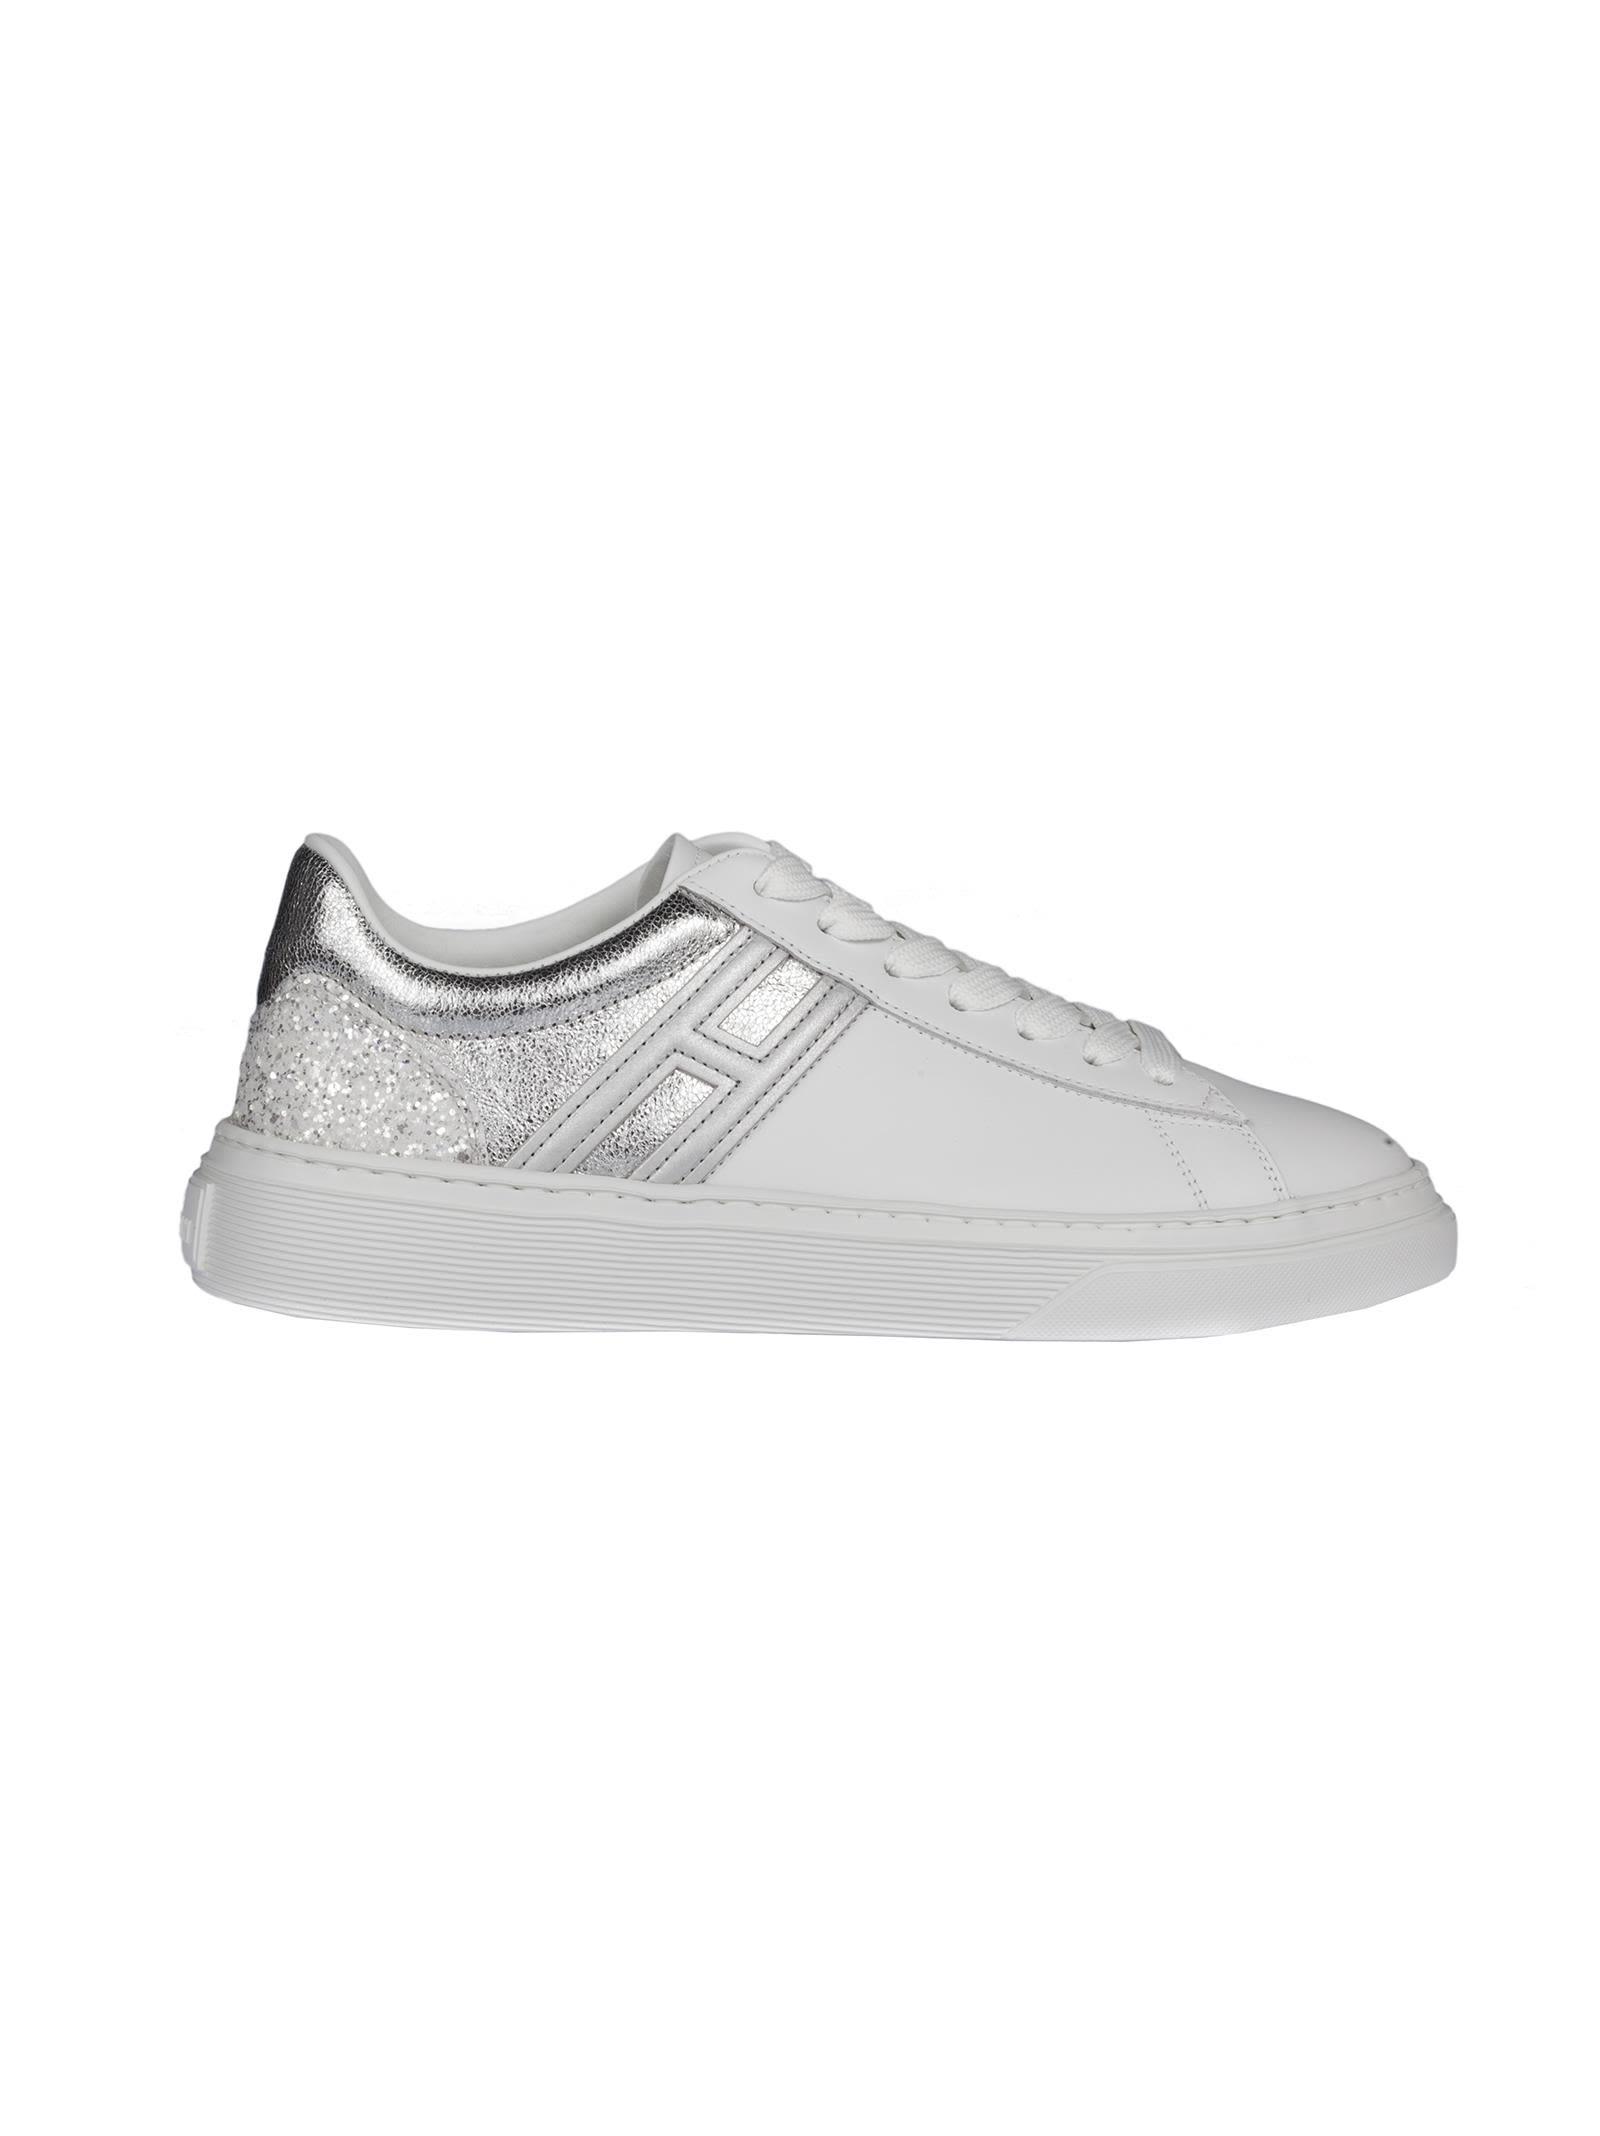 Hogan H365 Contrast Heel Sneakers